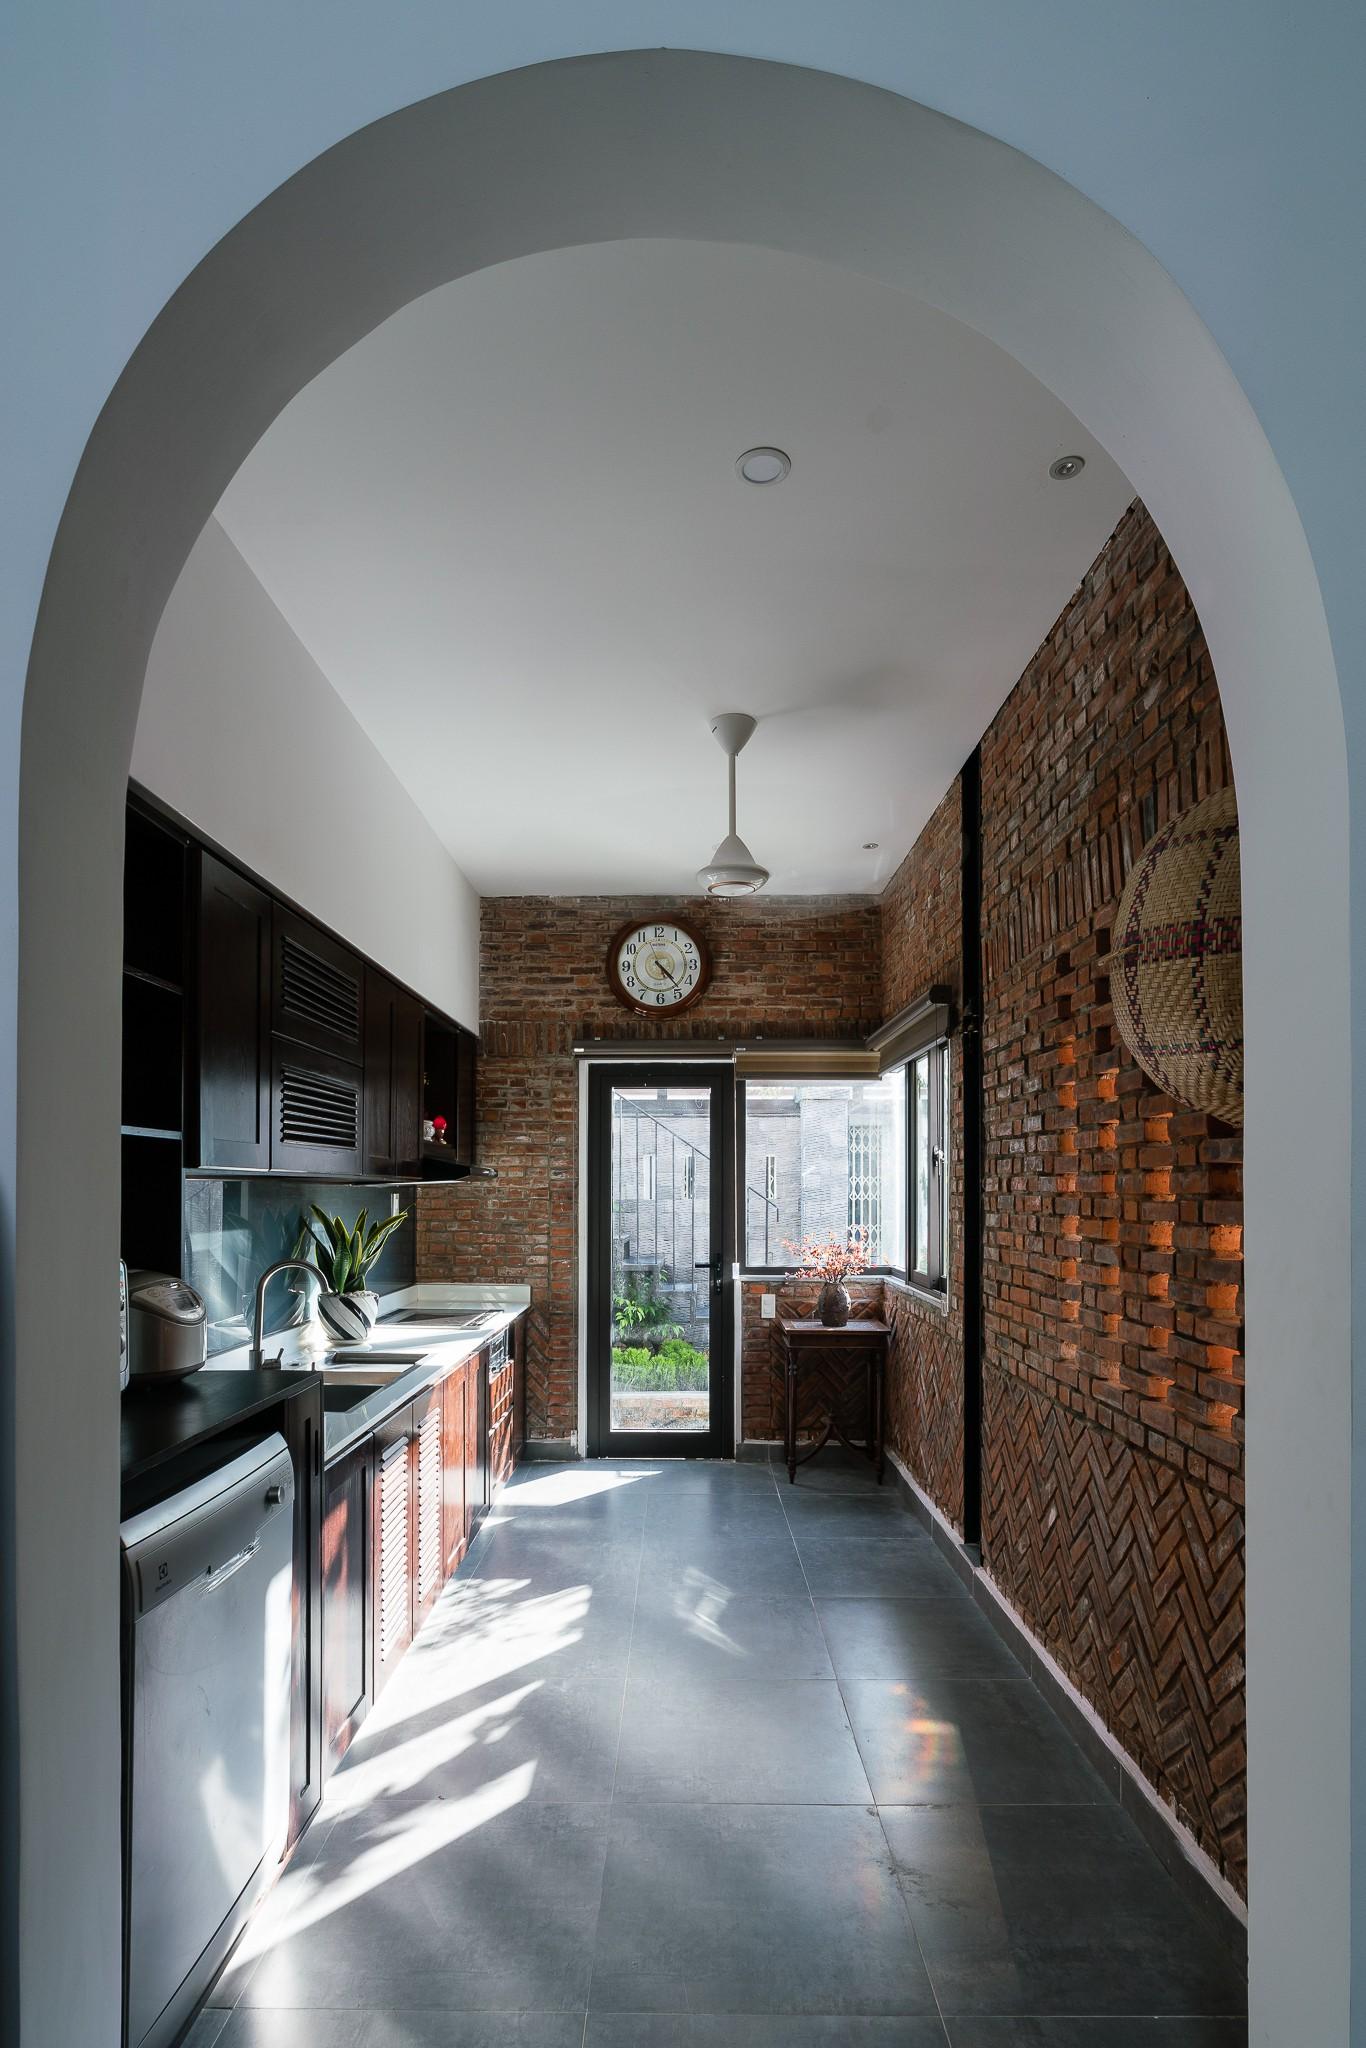 Ngôi nhà gạch 2 tầng của cặp vợ chồng già ở Đà Nẵng được tạp chí Mỹ xuýt xoa khen ngợi - Ảnh 10.